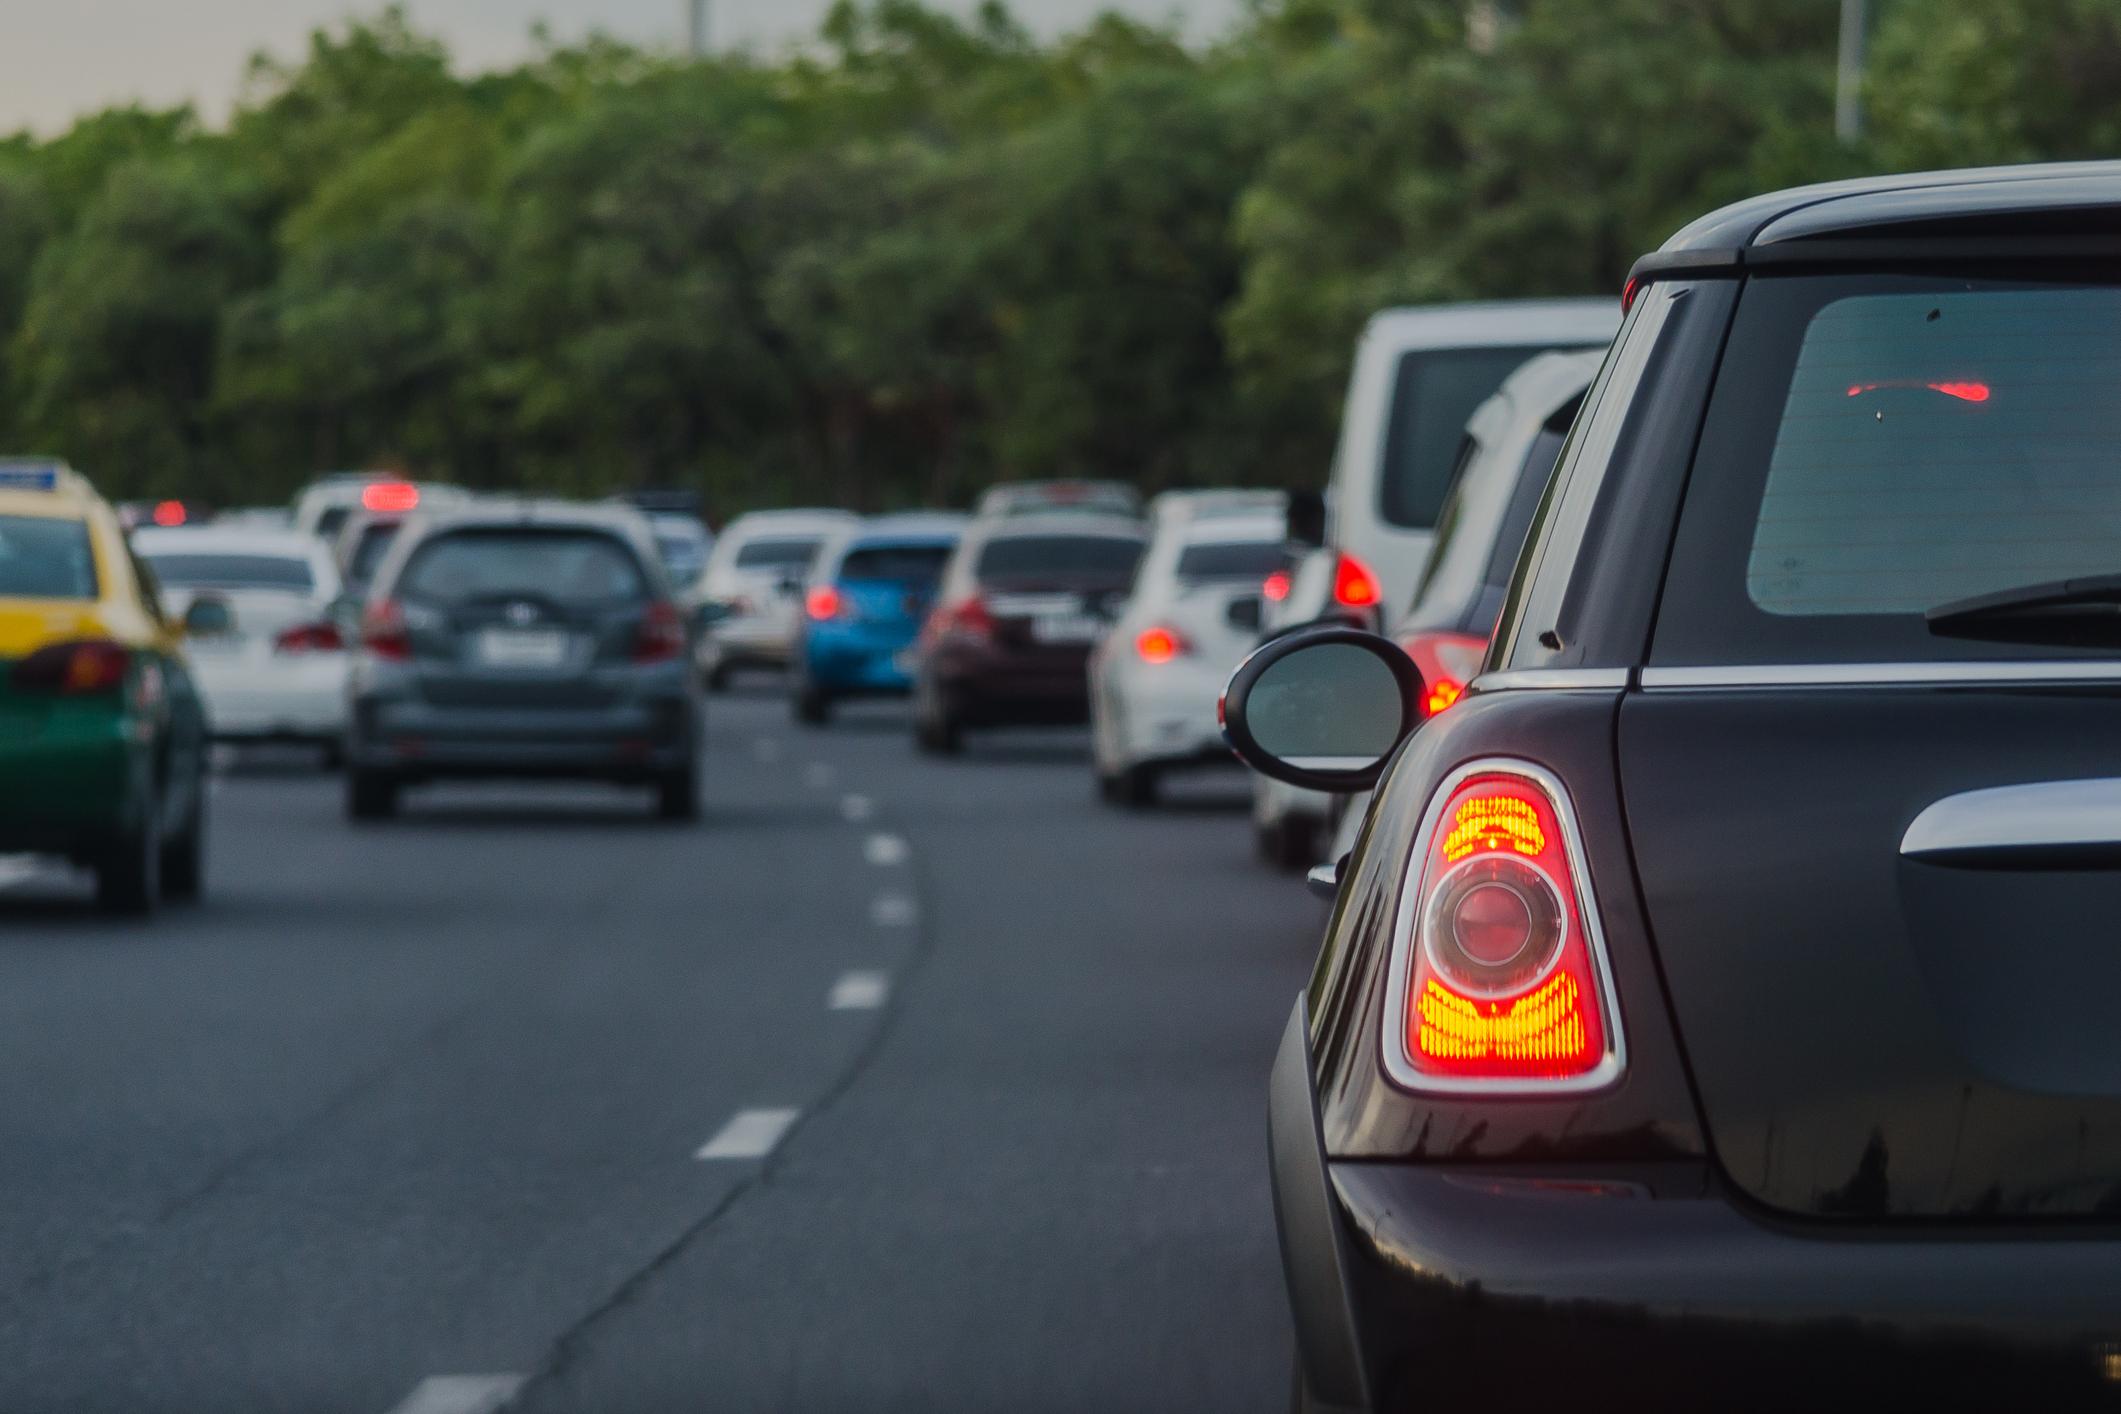 Millaiset ajoneuvot liikenteessä kuormittavat ympäristöä eniten?